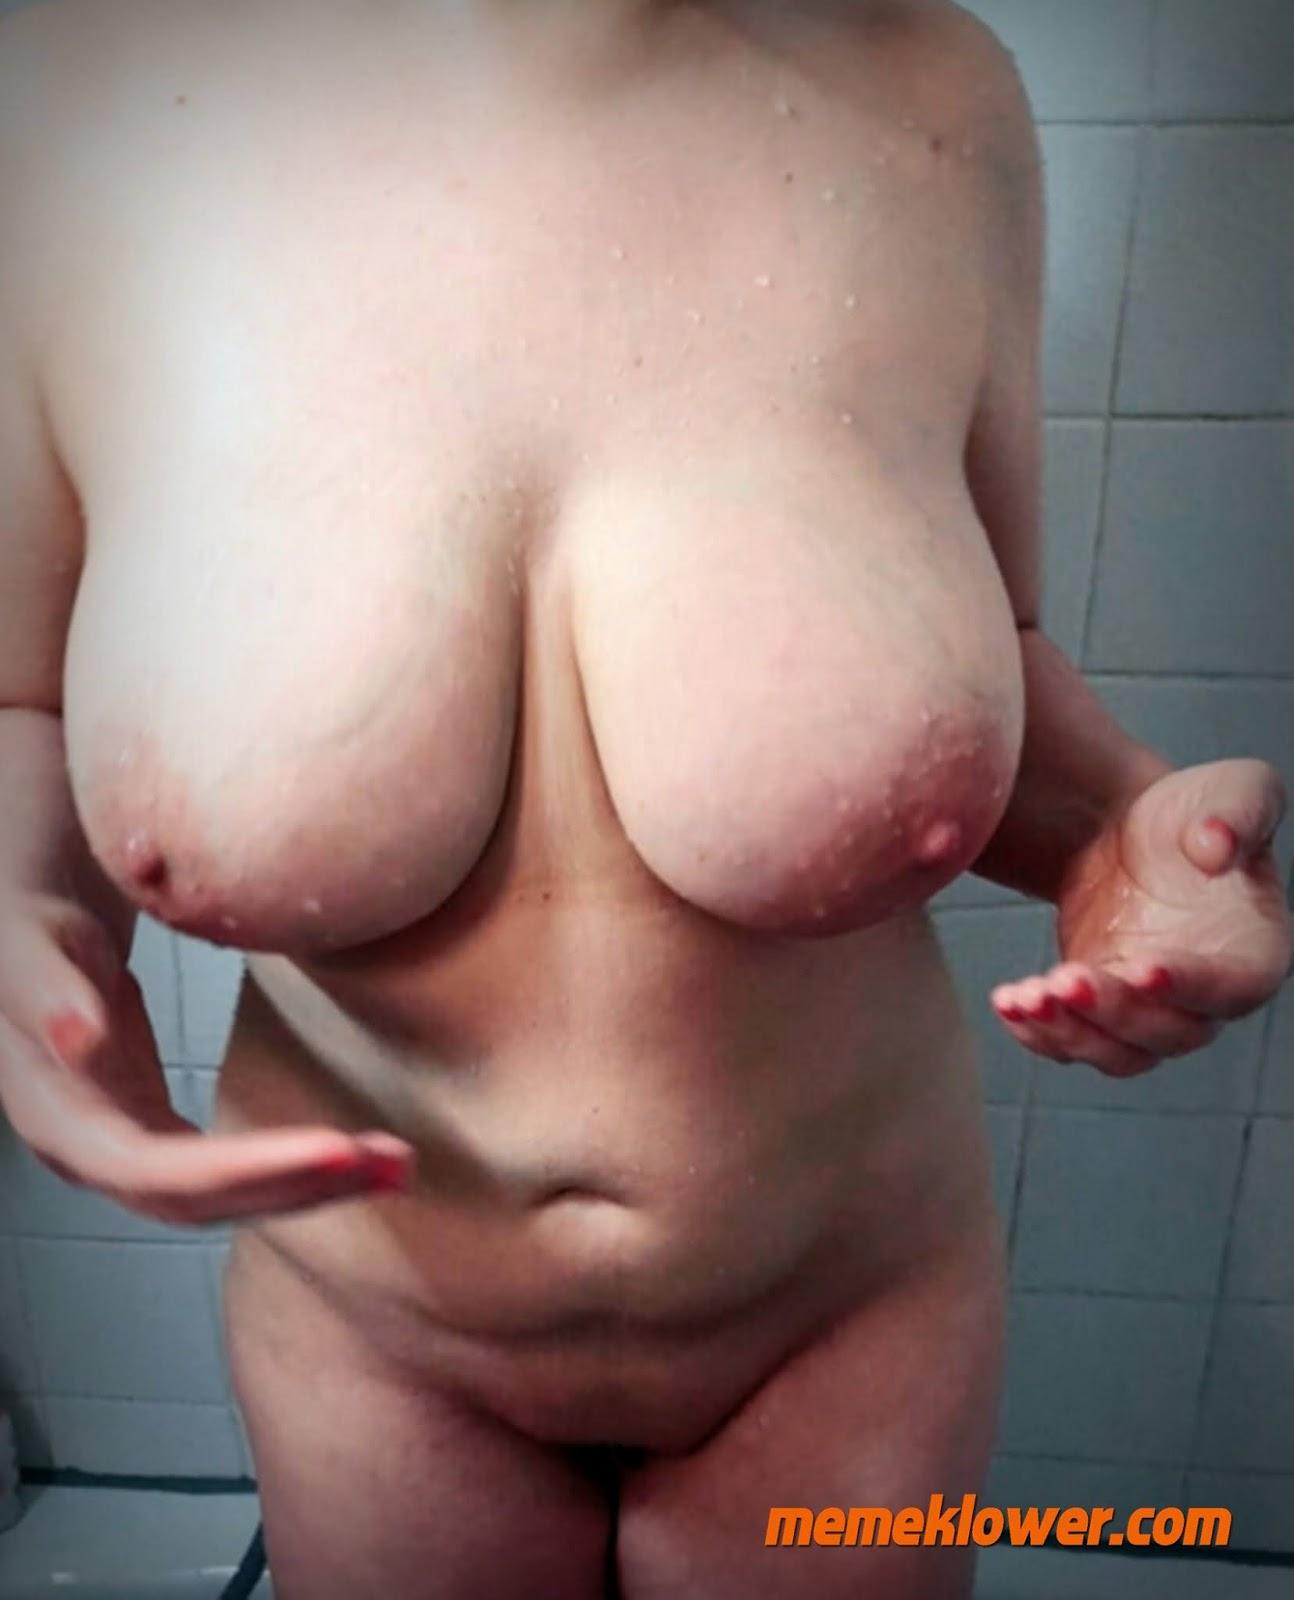 foto-bugil-tante-cantik-payudara-gede